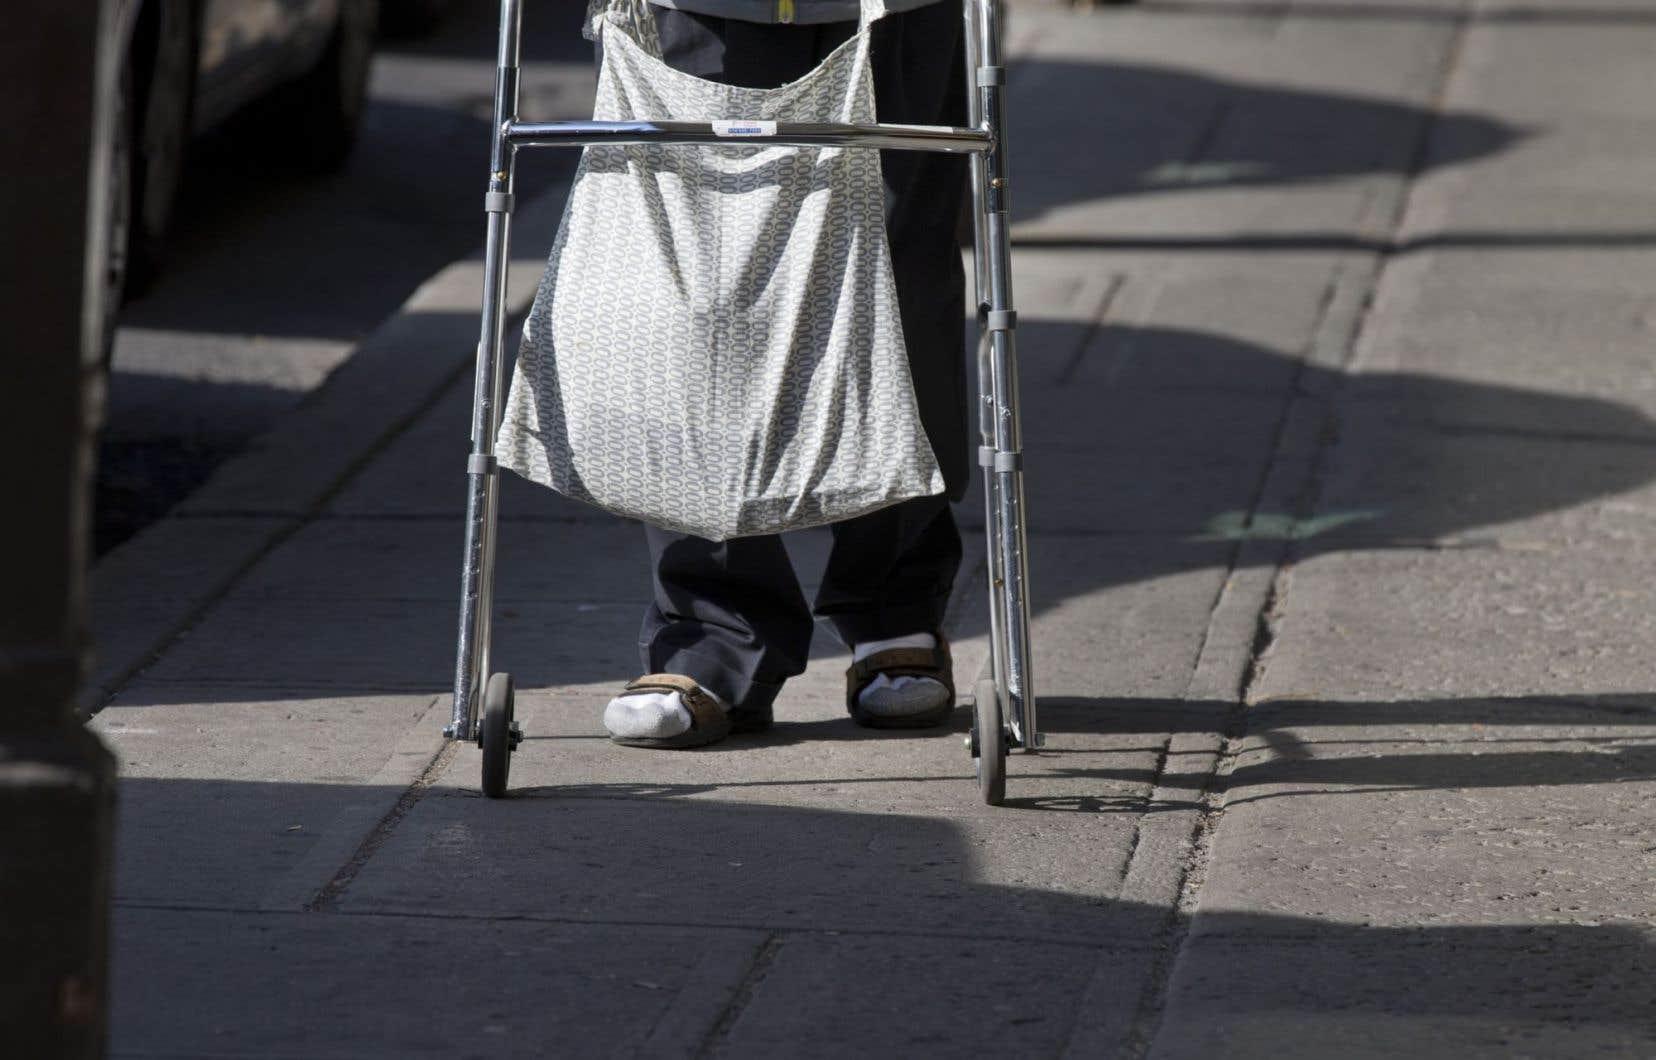 «Les personnes qui reçoivent de l'aide sociale sont des êtres humains dignes de respect», écrivent les auteurs.